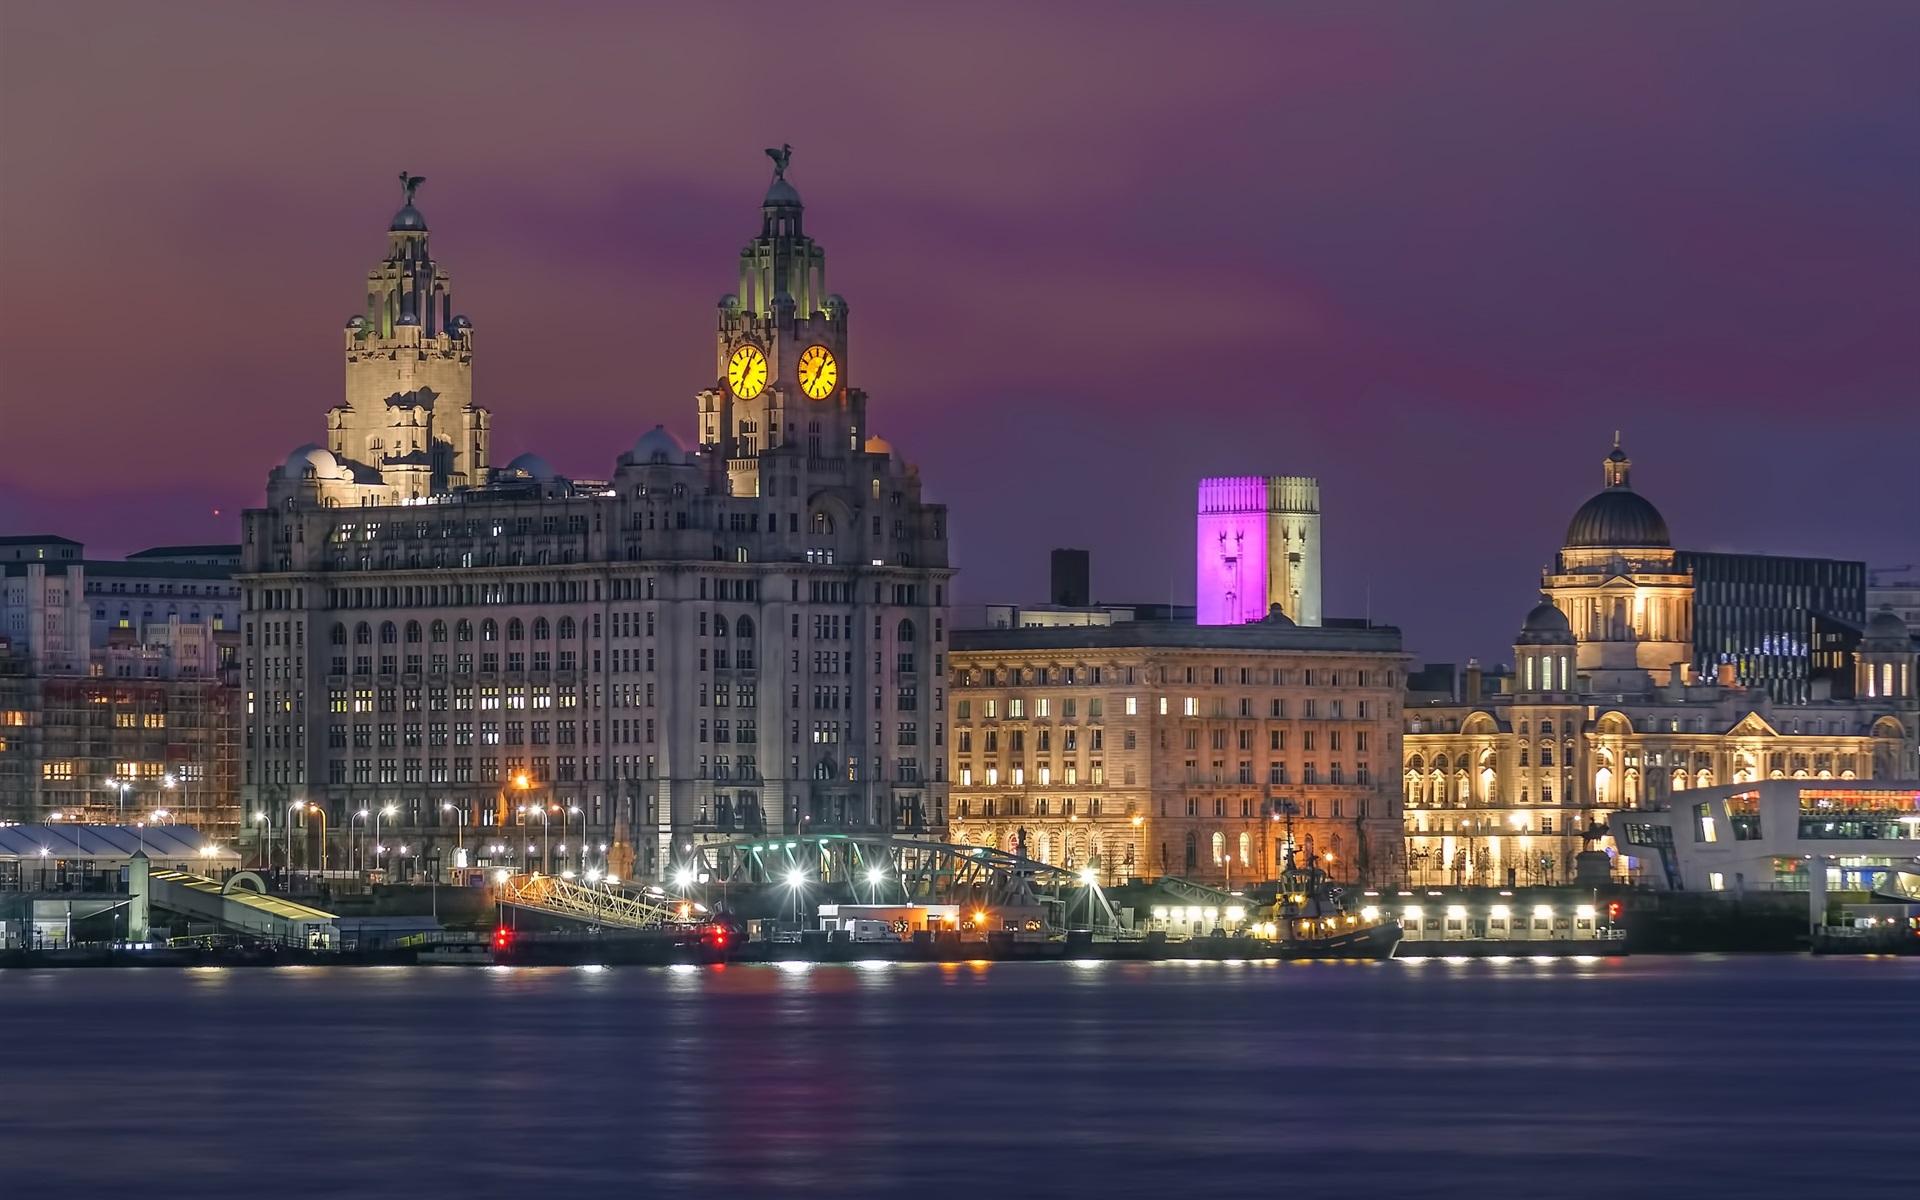 Papeis De Parede Liverpool Inglaterra Cais Rio Luzes Cidade Noturna 1920x1440 Hd Imagem